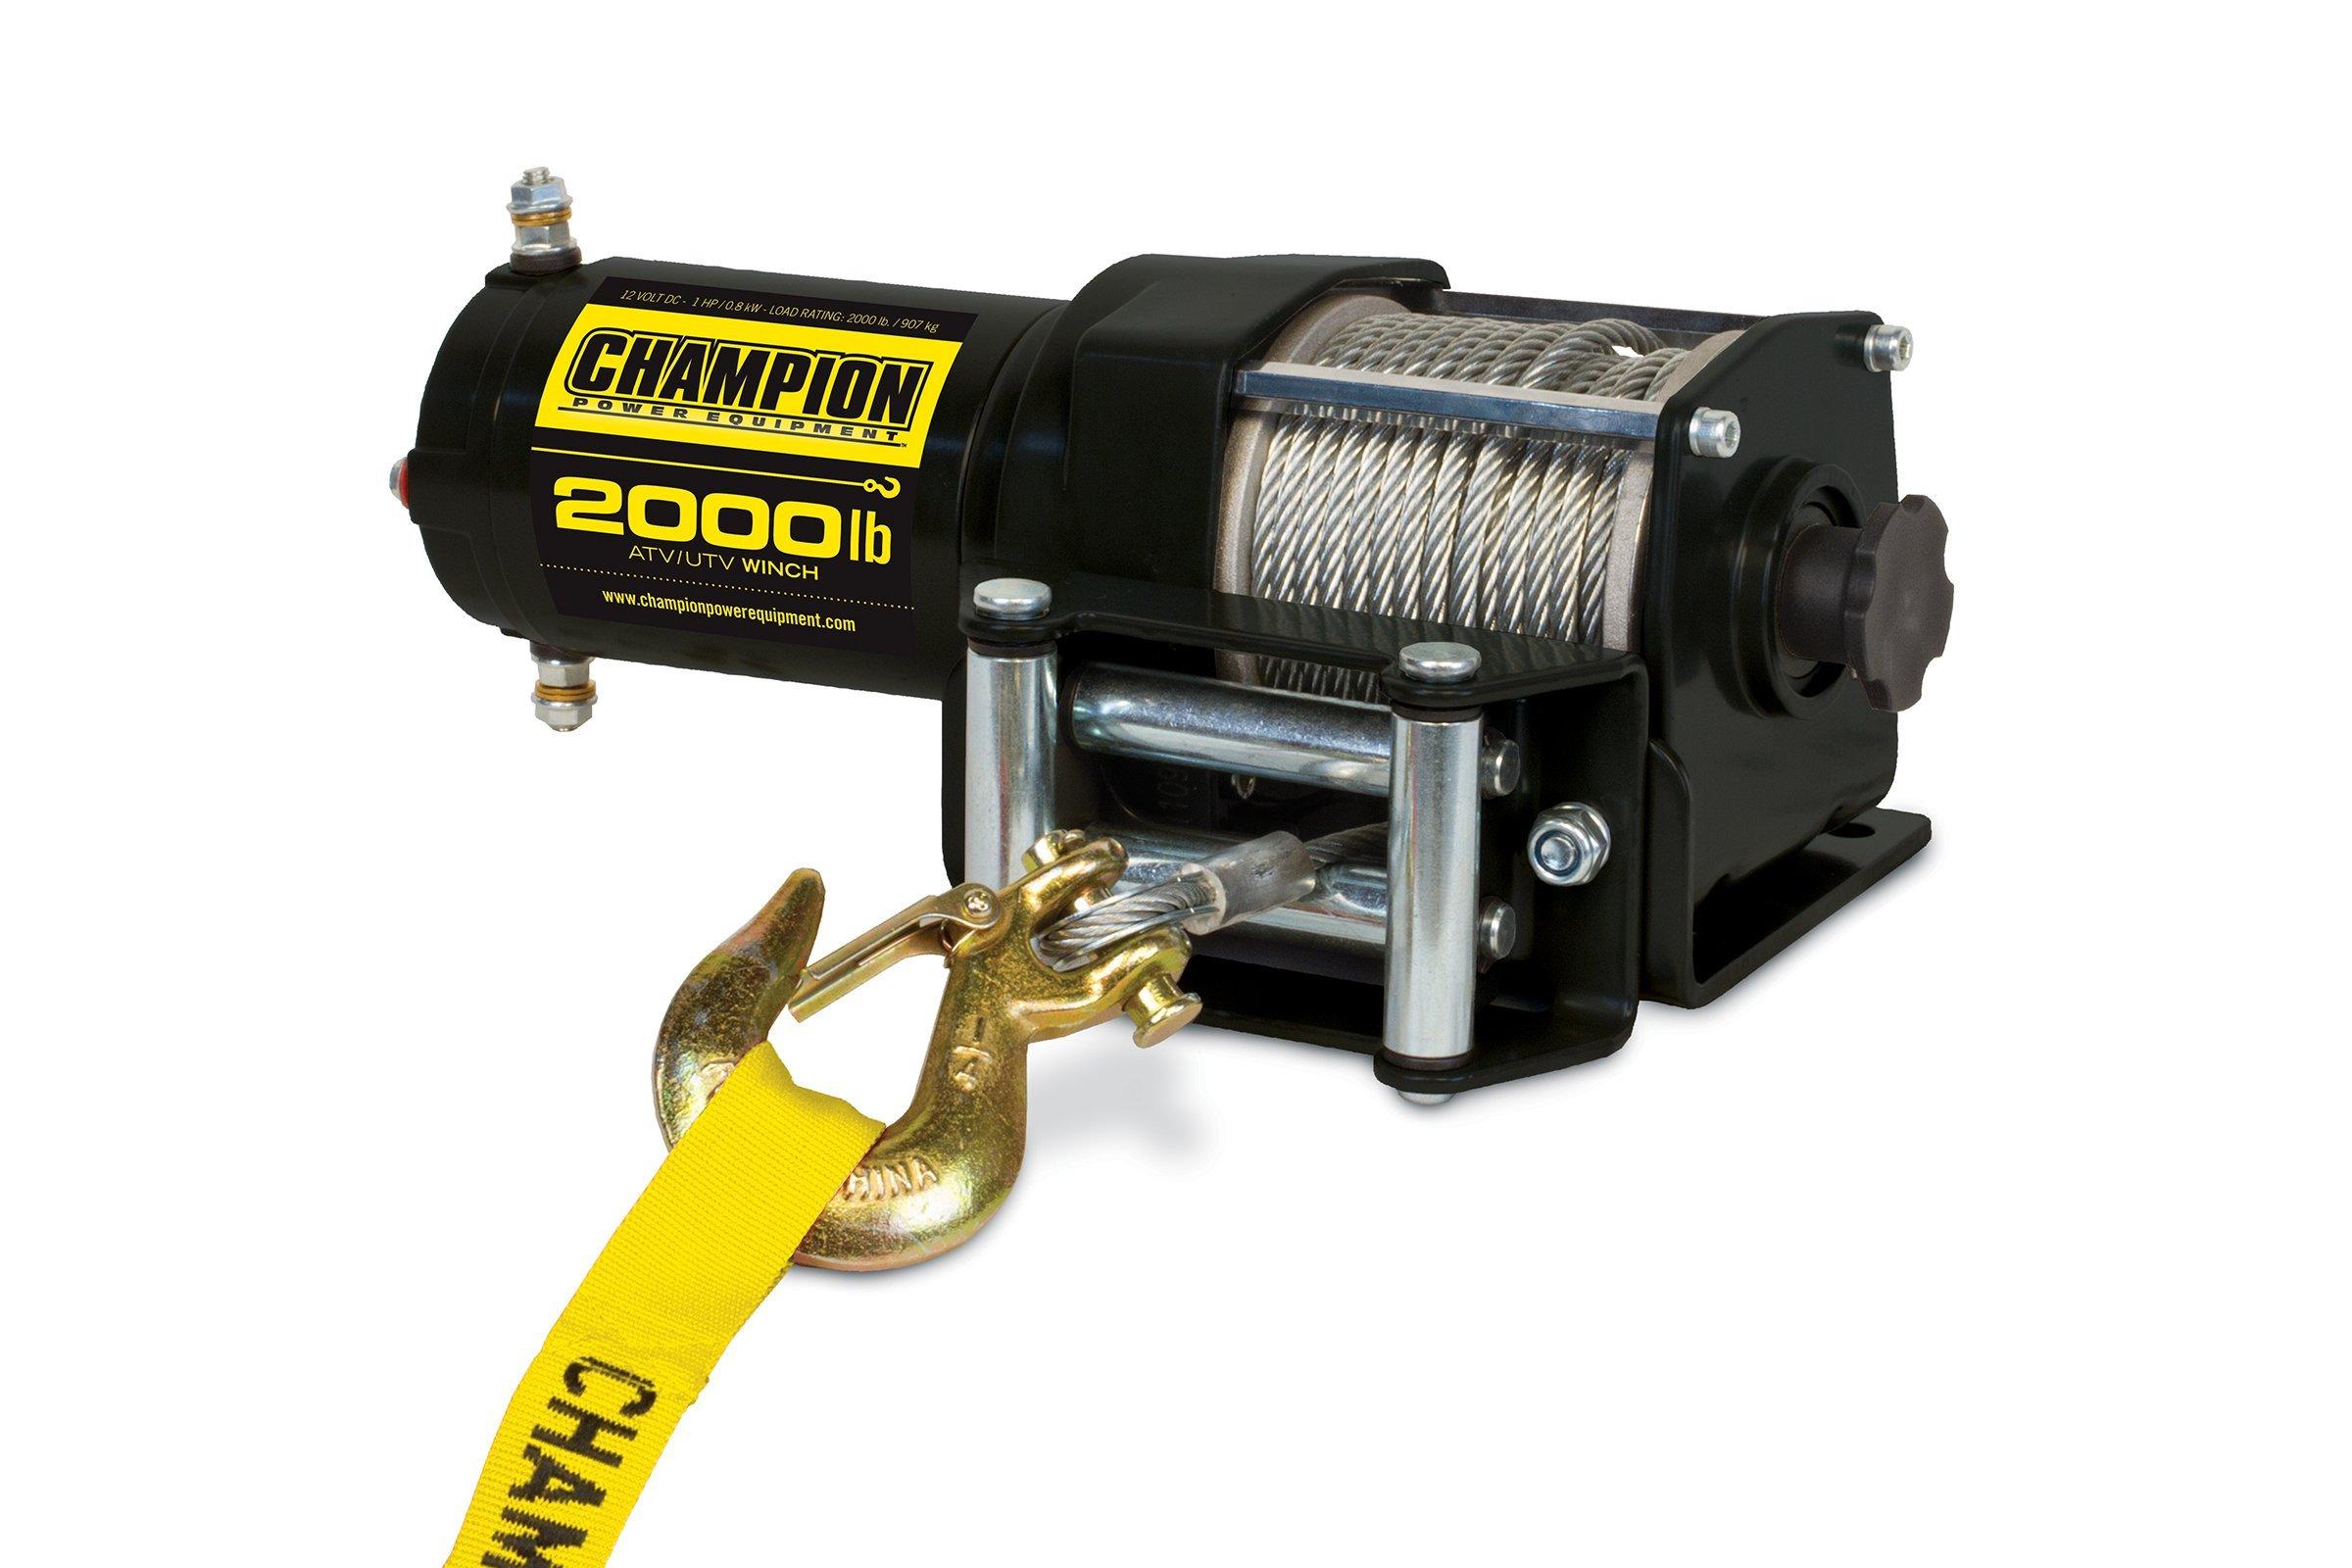 Champion 2000-lb. ATV/UTV Winch Kit